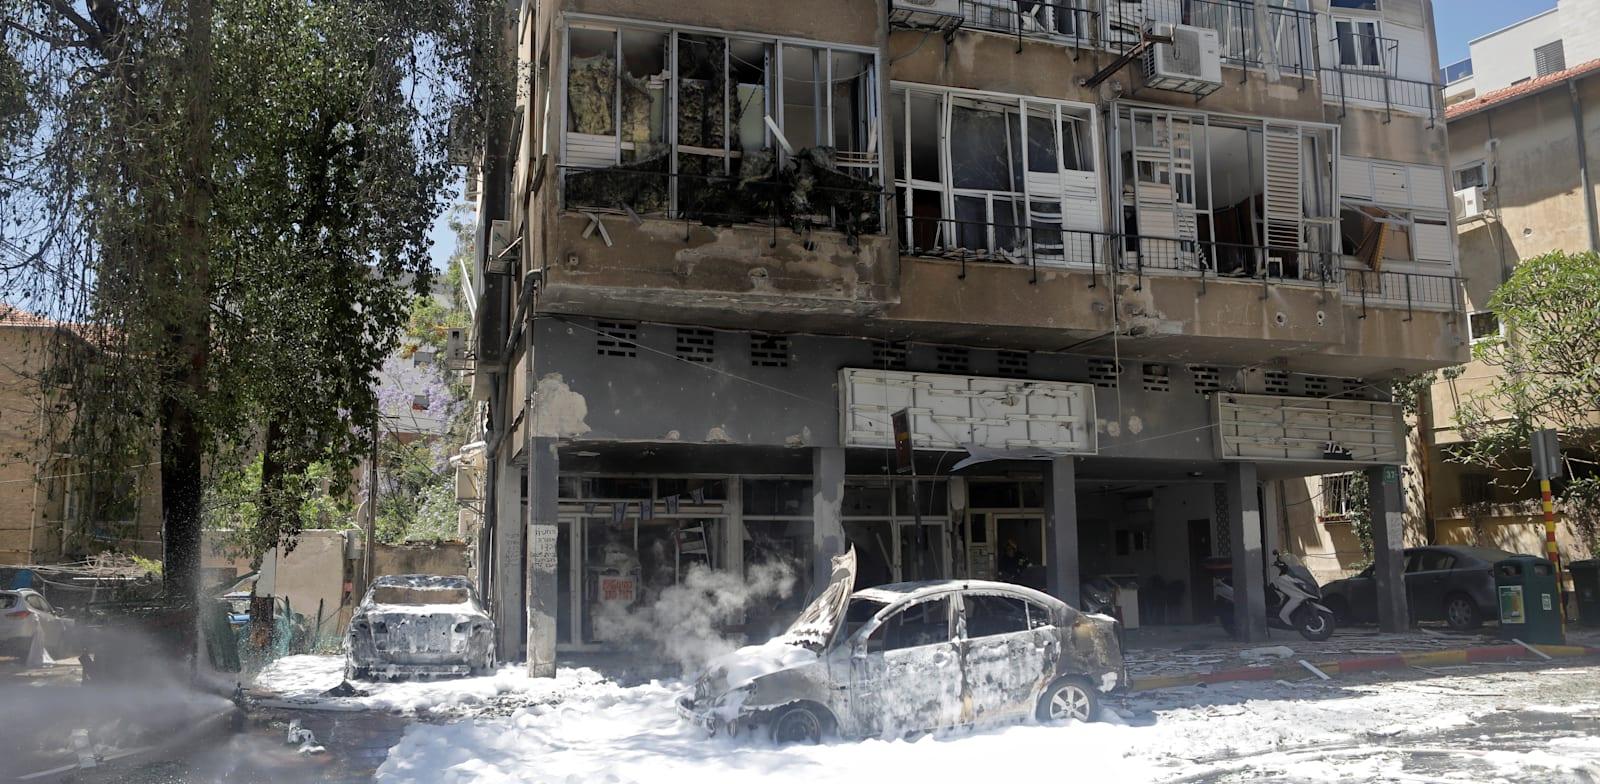 בניין ברמת גן שנפגע מהדף של רקטה שנפלה ברחוב / צילום: Reuters, Nir Elias